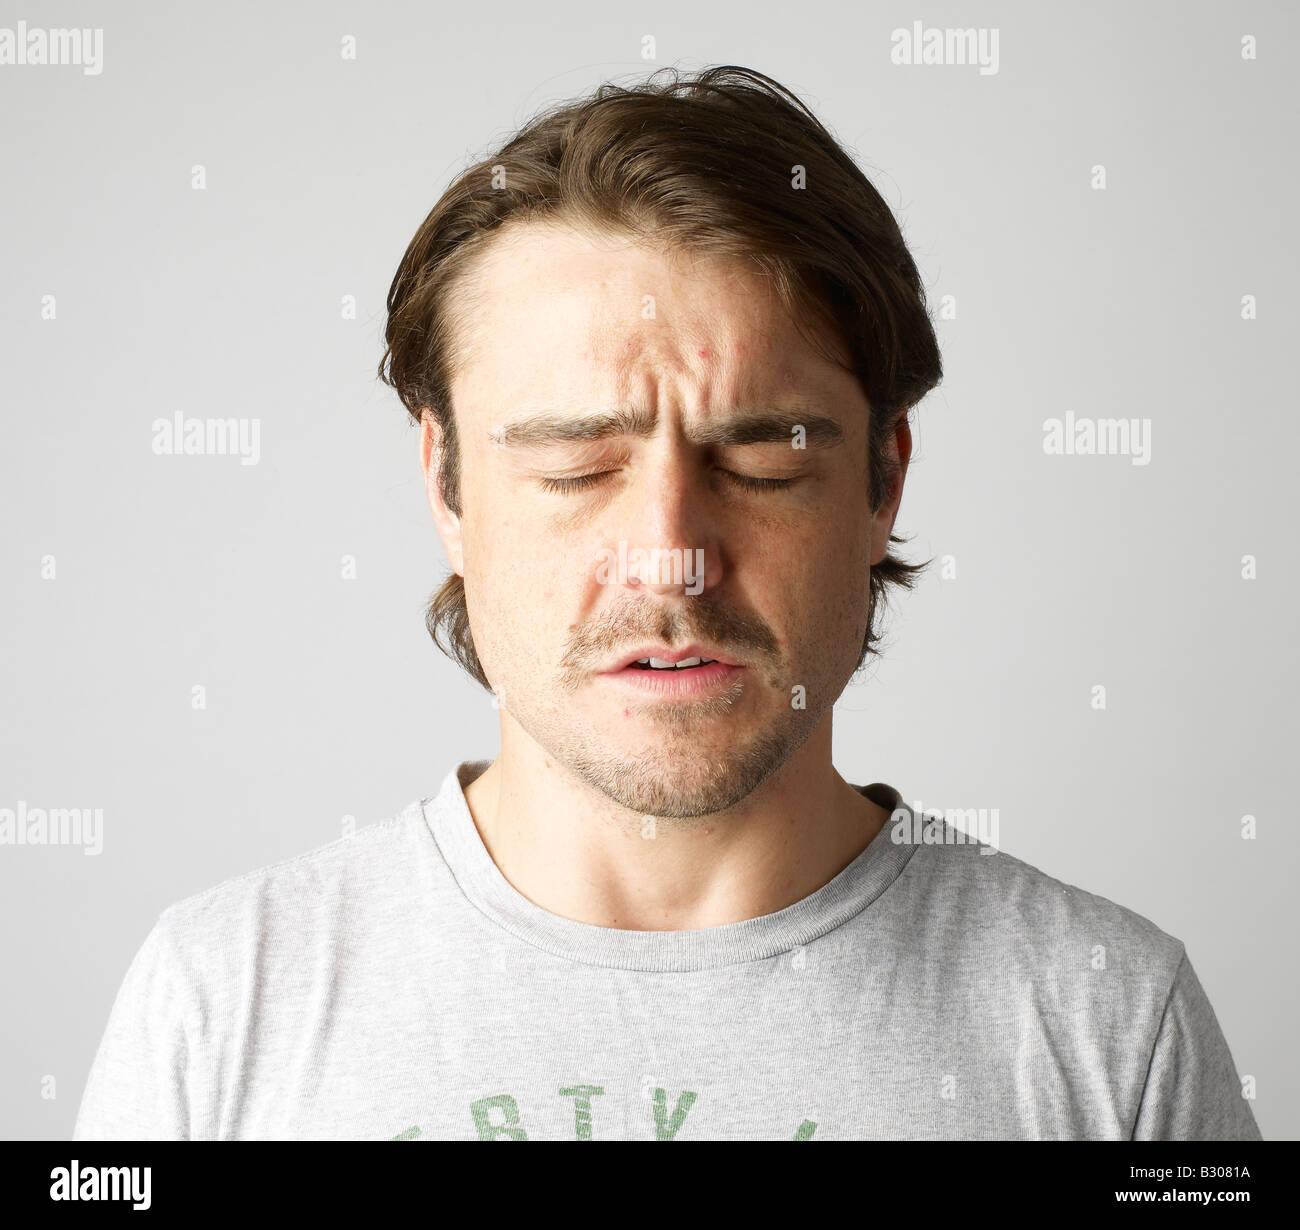 unhappy man - Stock Image